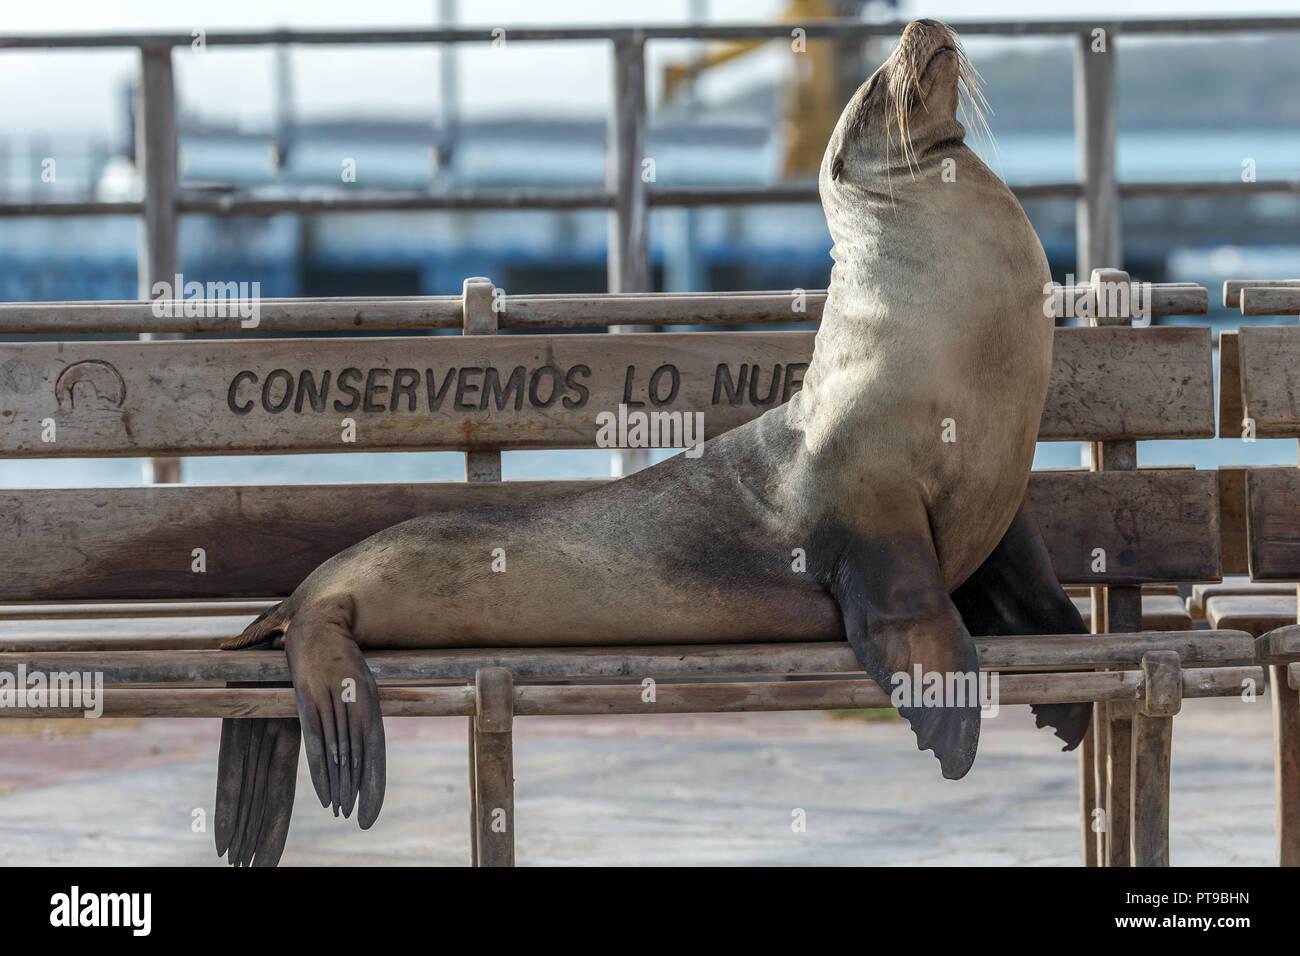 Sur un banc, Sealion Conservemos Lo Nuestro, nous conservons ce qui est la nôtre, Puerto Baquerizo Moreno, San Cristobal island, îles Galapagos, Ecuad Photo Stock